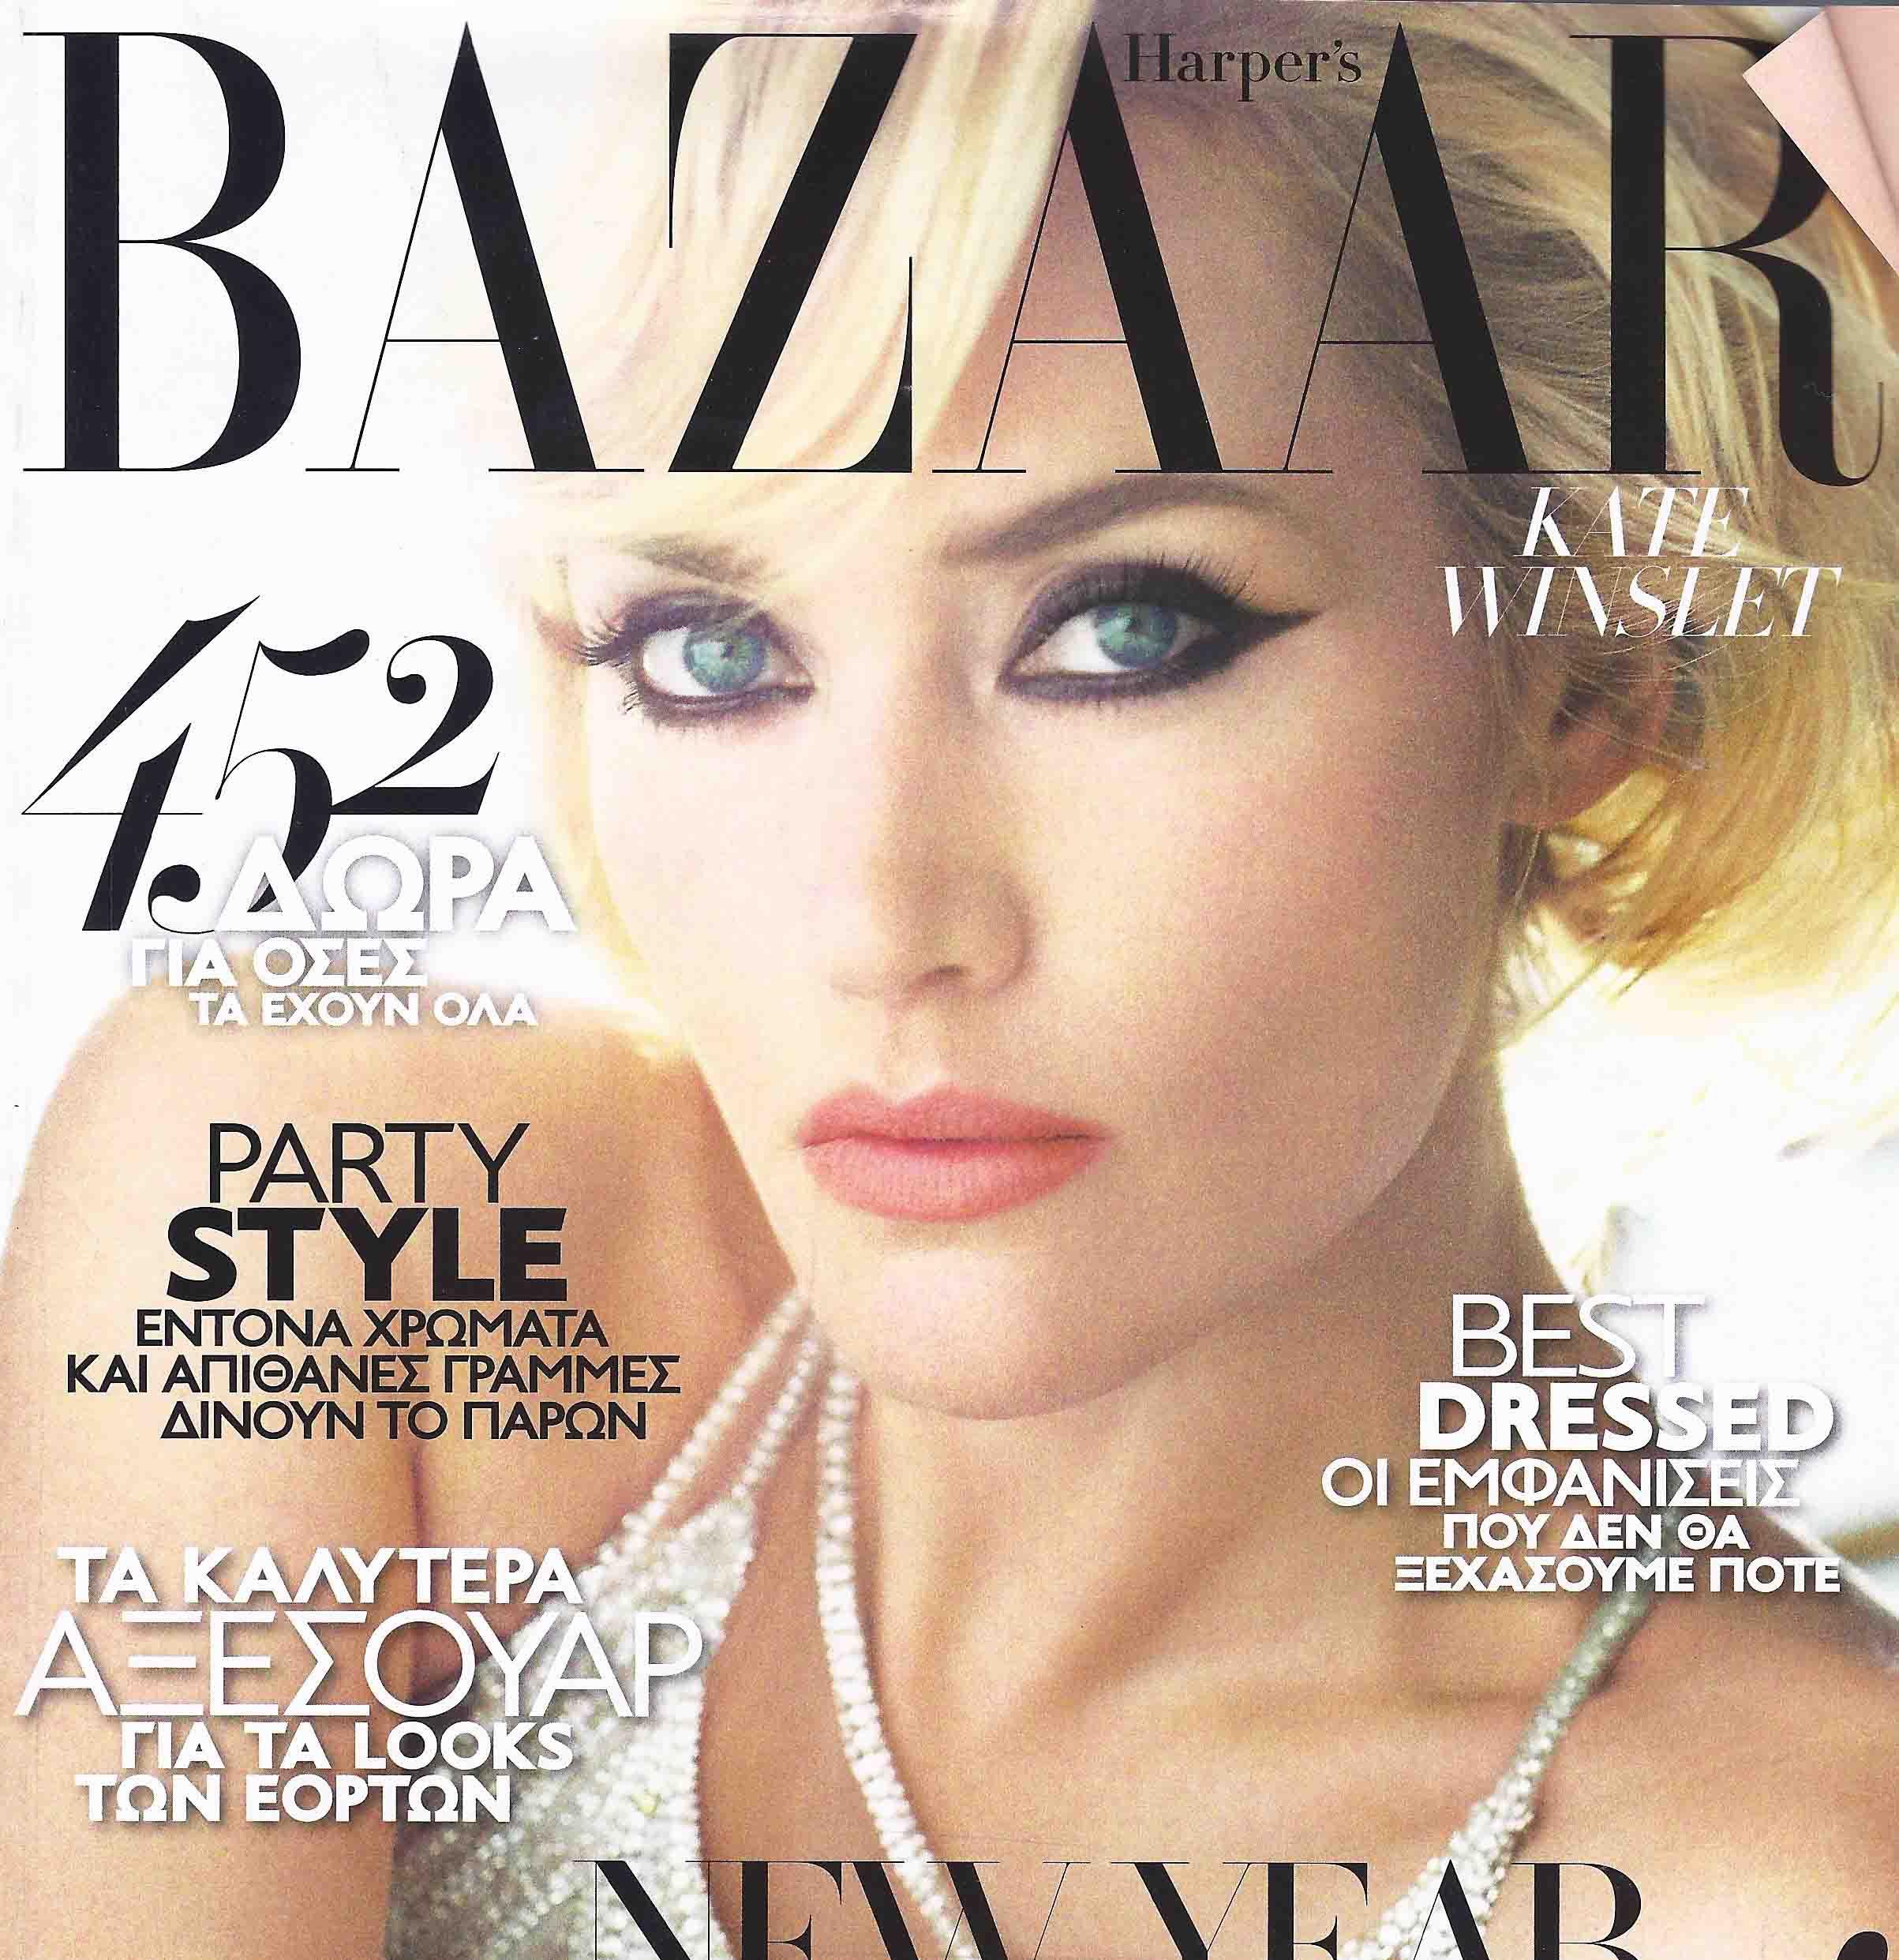 Harper's Bazaar  December 2011